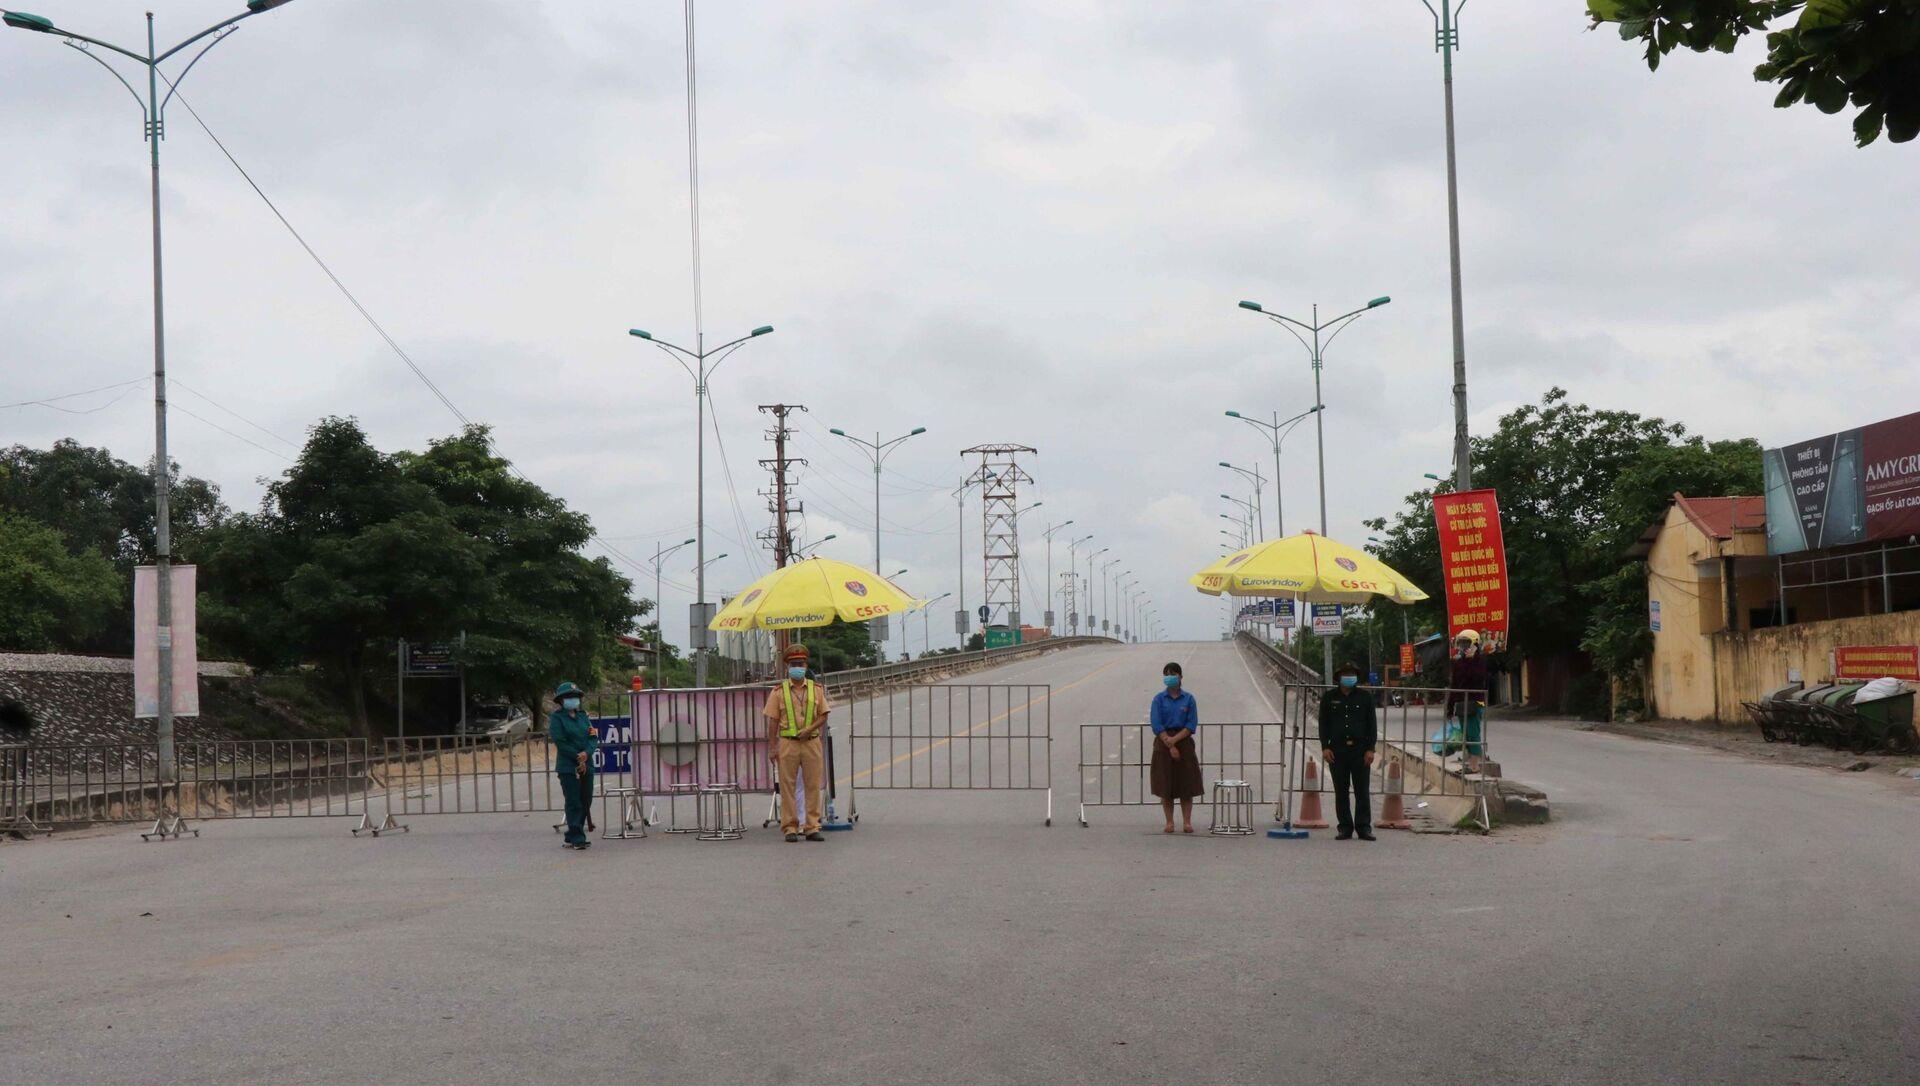 Chốt kiểm soát dịch bệnh COVID-19 tại cầu Như Nguyệt ngăn giữa phường Đáp Cầu, thành phố Bắc Ninh và huyện Việt Yên, tỉnh Bắc Giang - Sputnik Việt Nam, 1920, 20.05.2021